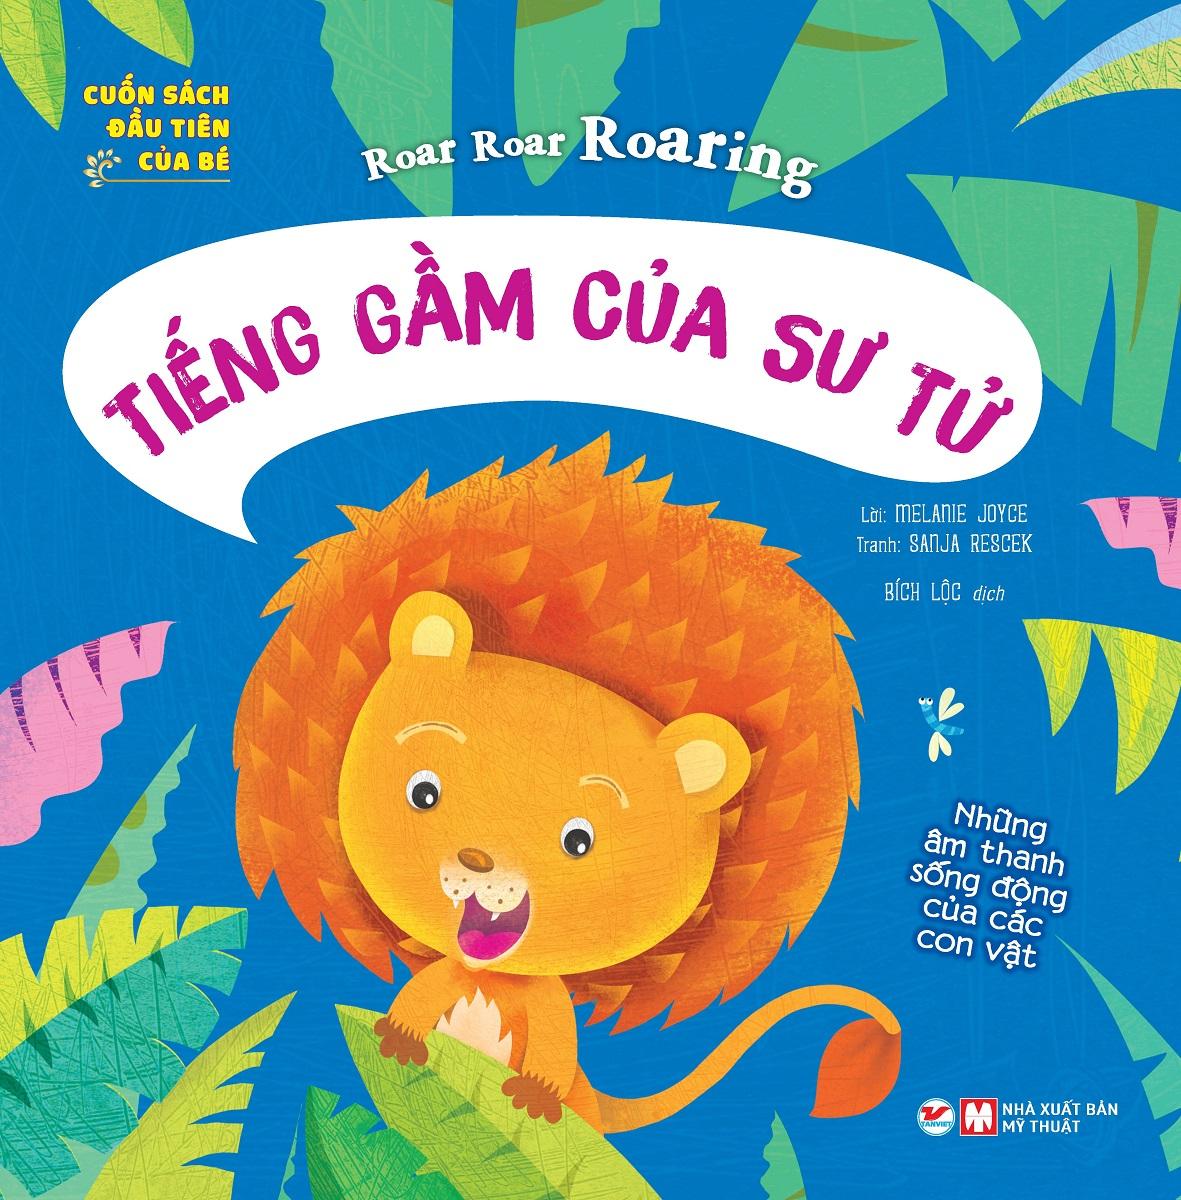 Cuốn Sách Đầu Tiên Của Bé: Roar Roar Roaring - Tiếng Gầm Của Sư Tử